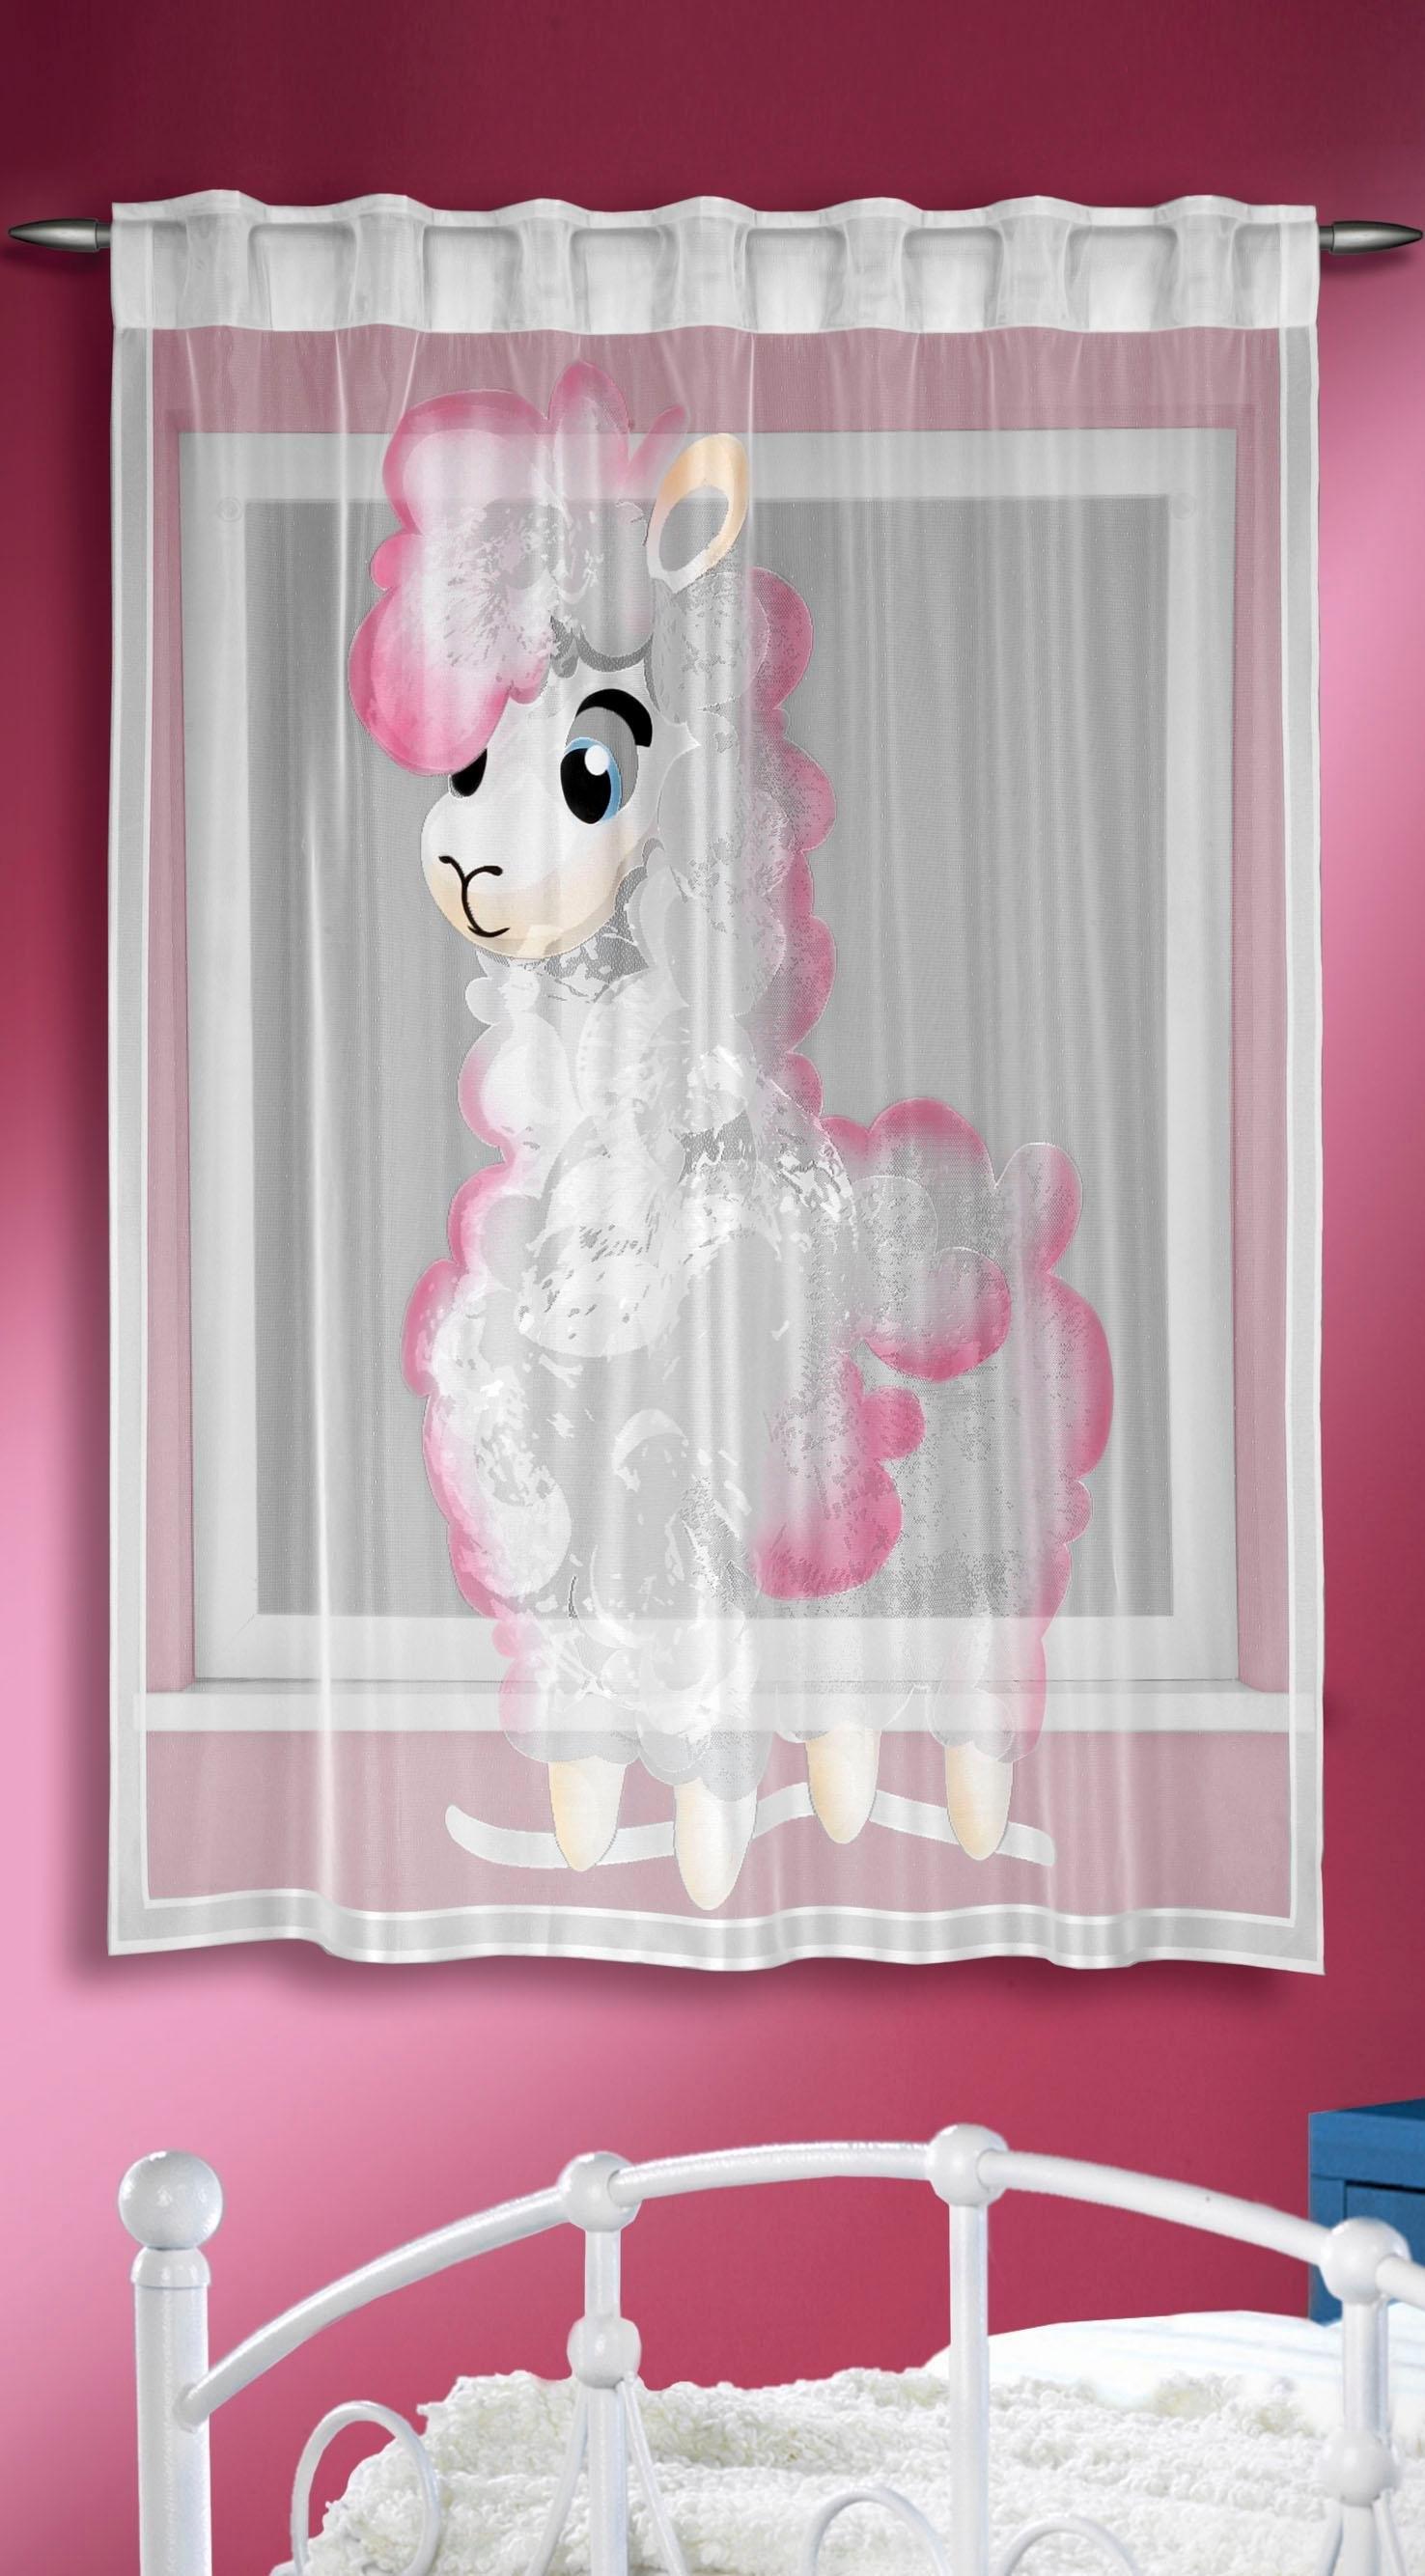 WILLKOMMEN ZUHAUSE by ALBANI GROUP gordijn Bergen HxB: 160x140, sjaal met verborgen lussen (1 stuk) nu online kopen bij OTTO